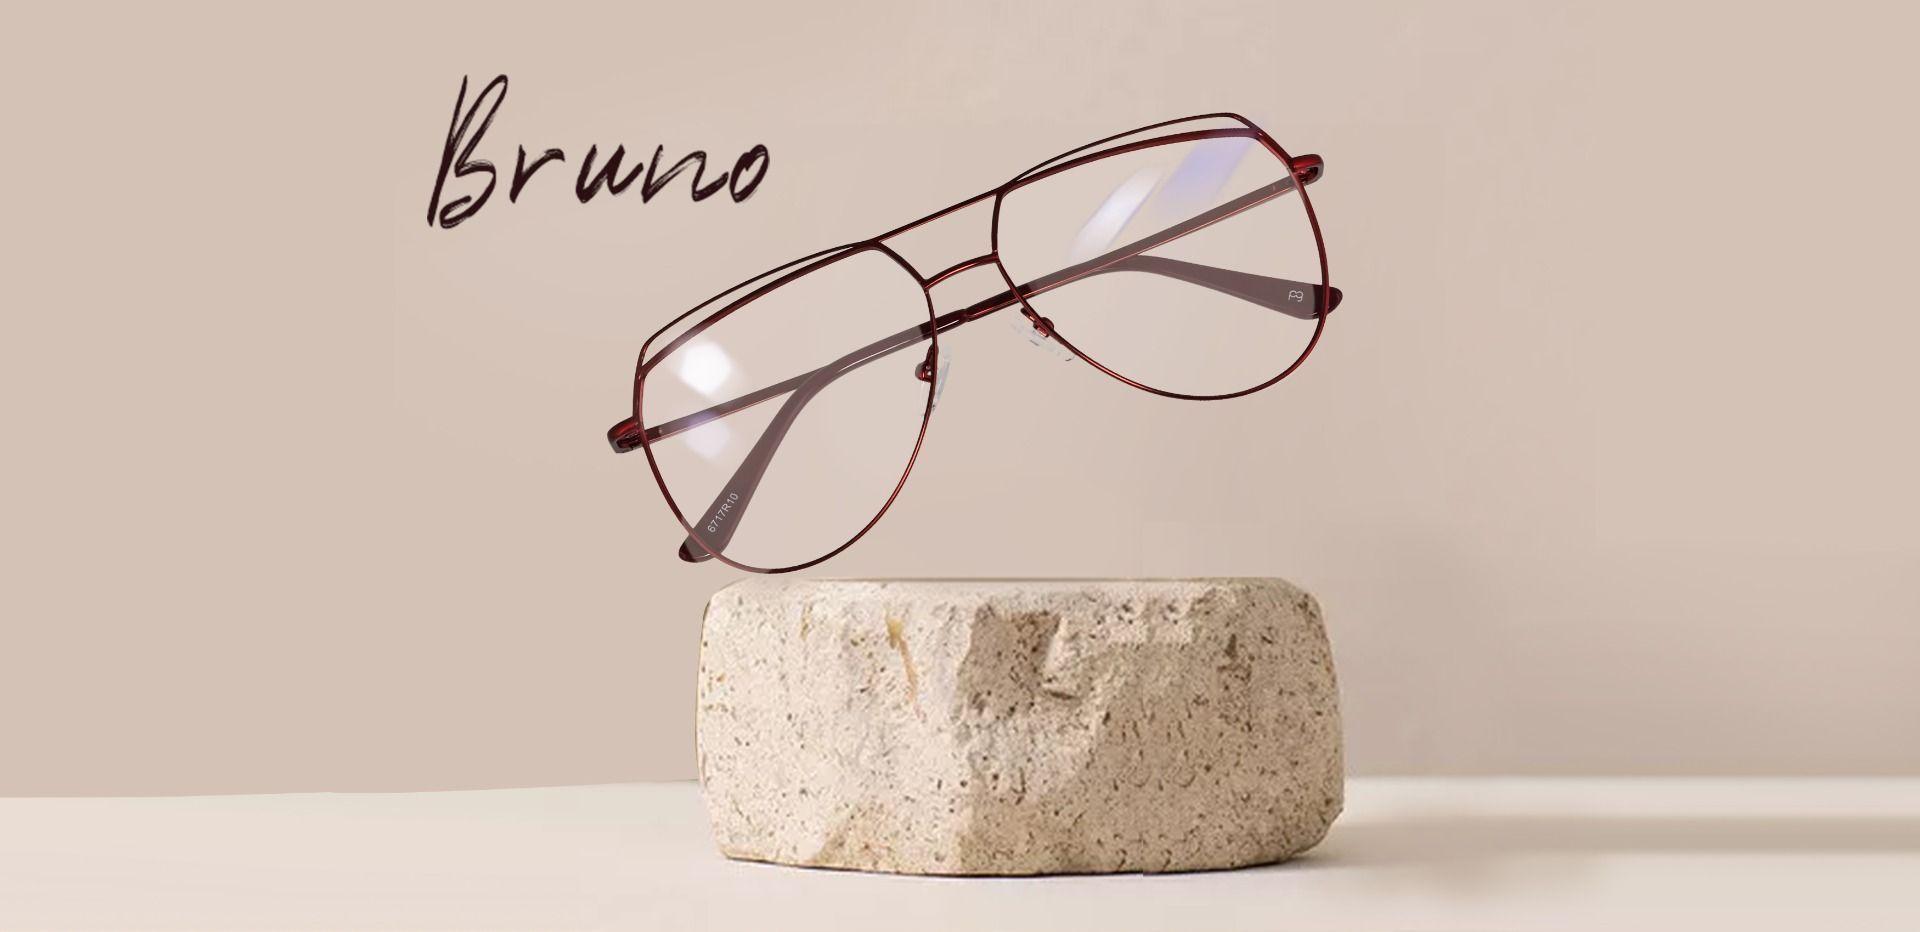 Bruno Aviator Prescription Glasses - Red